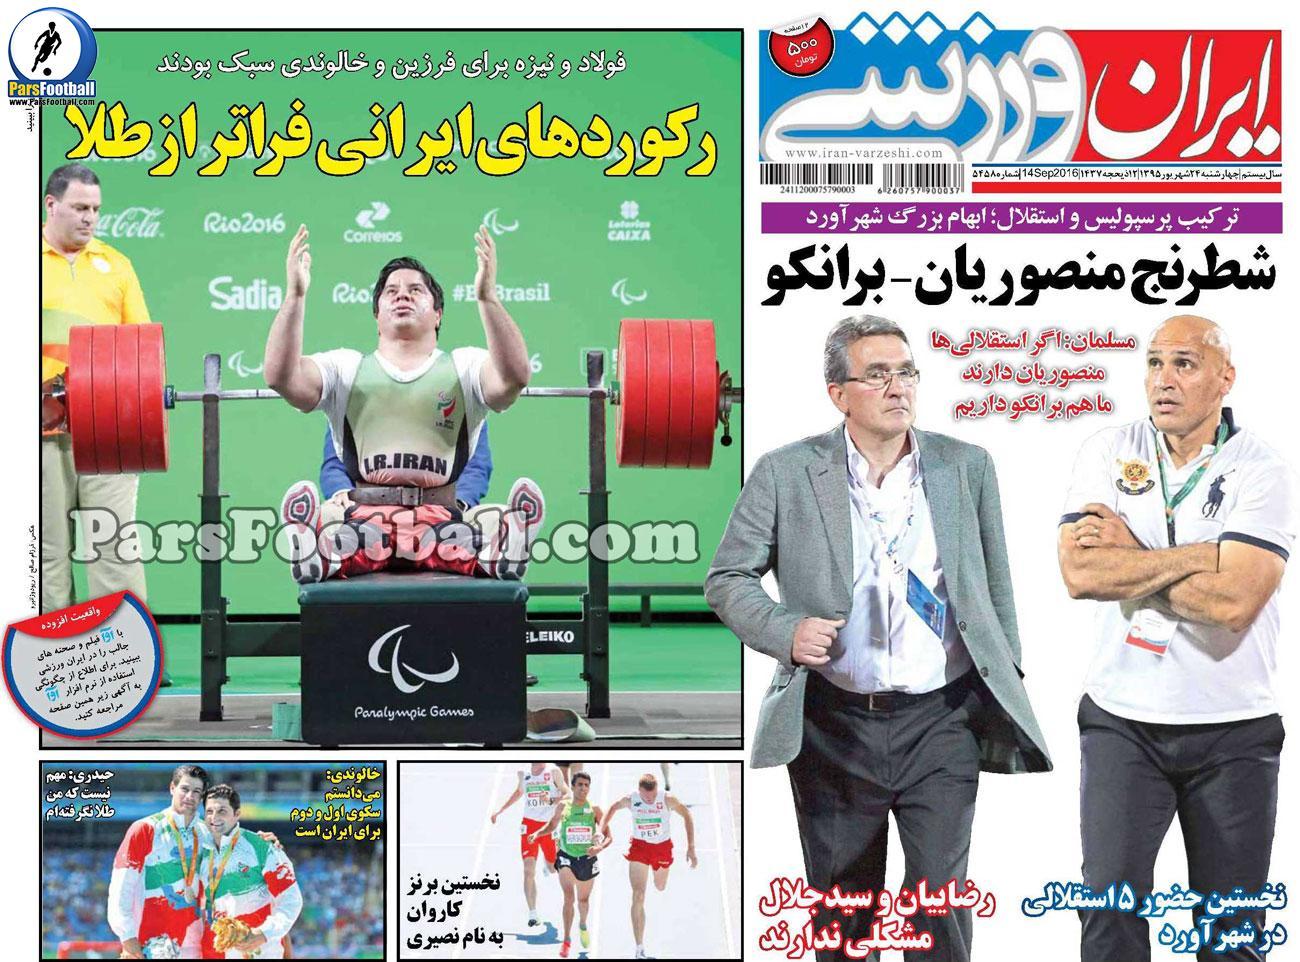 روزنامه ایران ورزشی چهارشنبه 24 شهریور 95